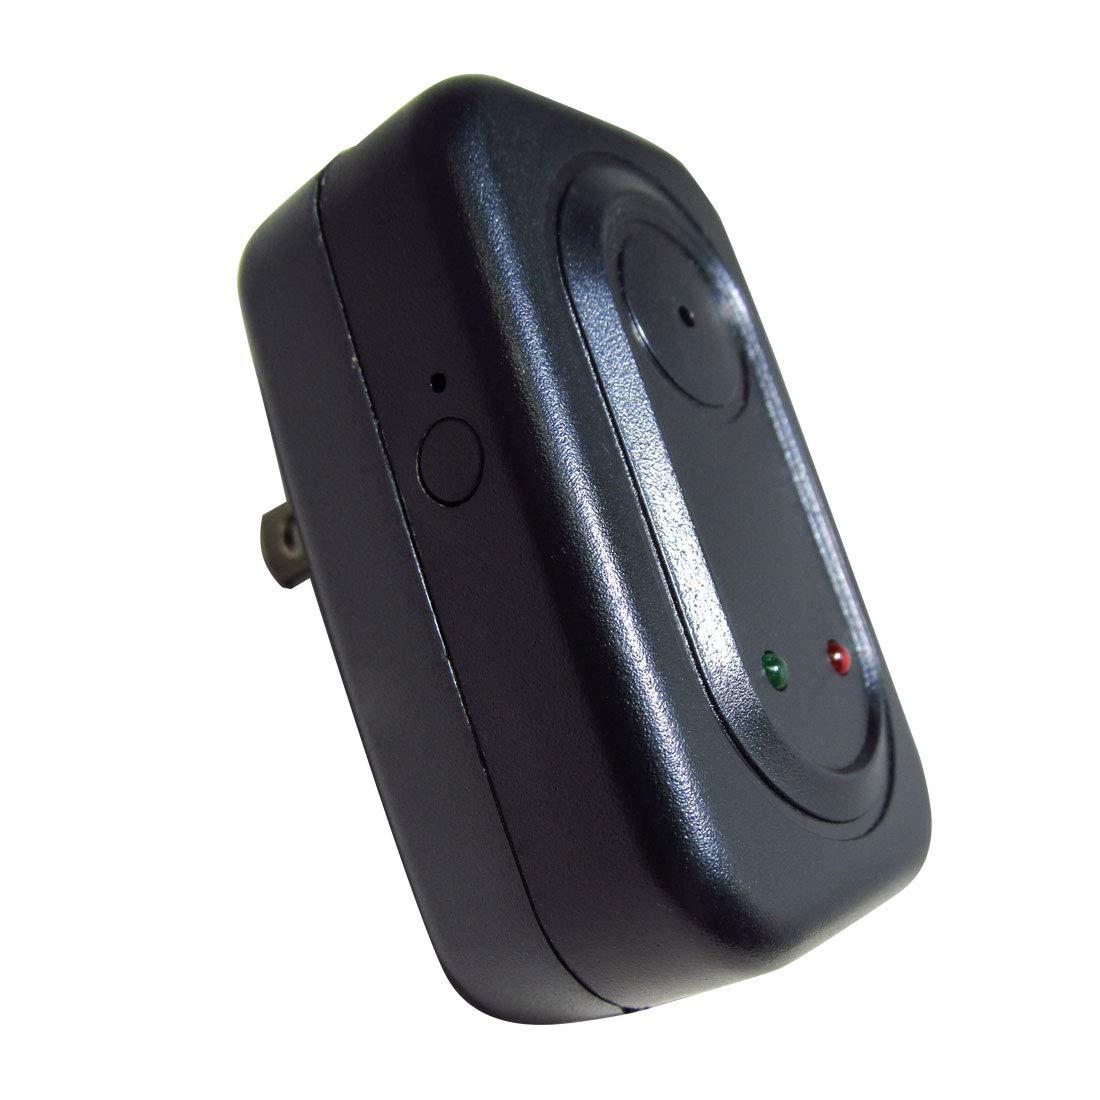 充電電池不要のUSBコンセント型ビデオカメラ メモリー8GB内蔵 コンセントから電源供給する為、充電や電池が不要 B07N6QS9YH 年中無休録画が可能。自動上書き機能搭載【KANTO-SEIKO【KANTO-SEIKO 正規保証書付き】 B07N6QS9YH, チガサキシ:e97fe128 --- gallery-rugdoll.com